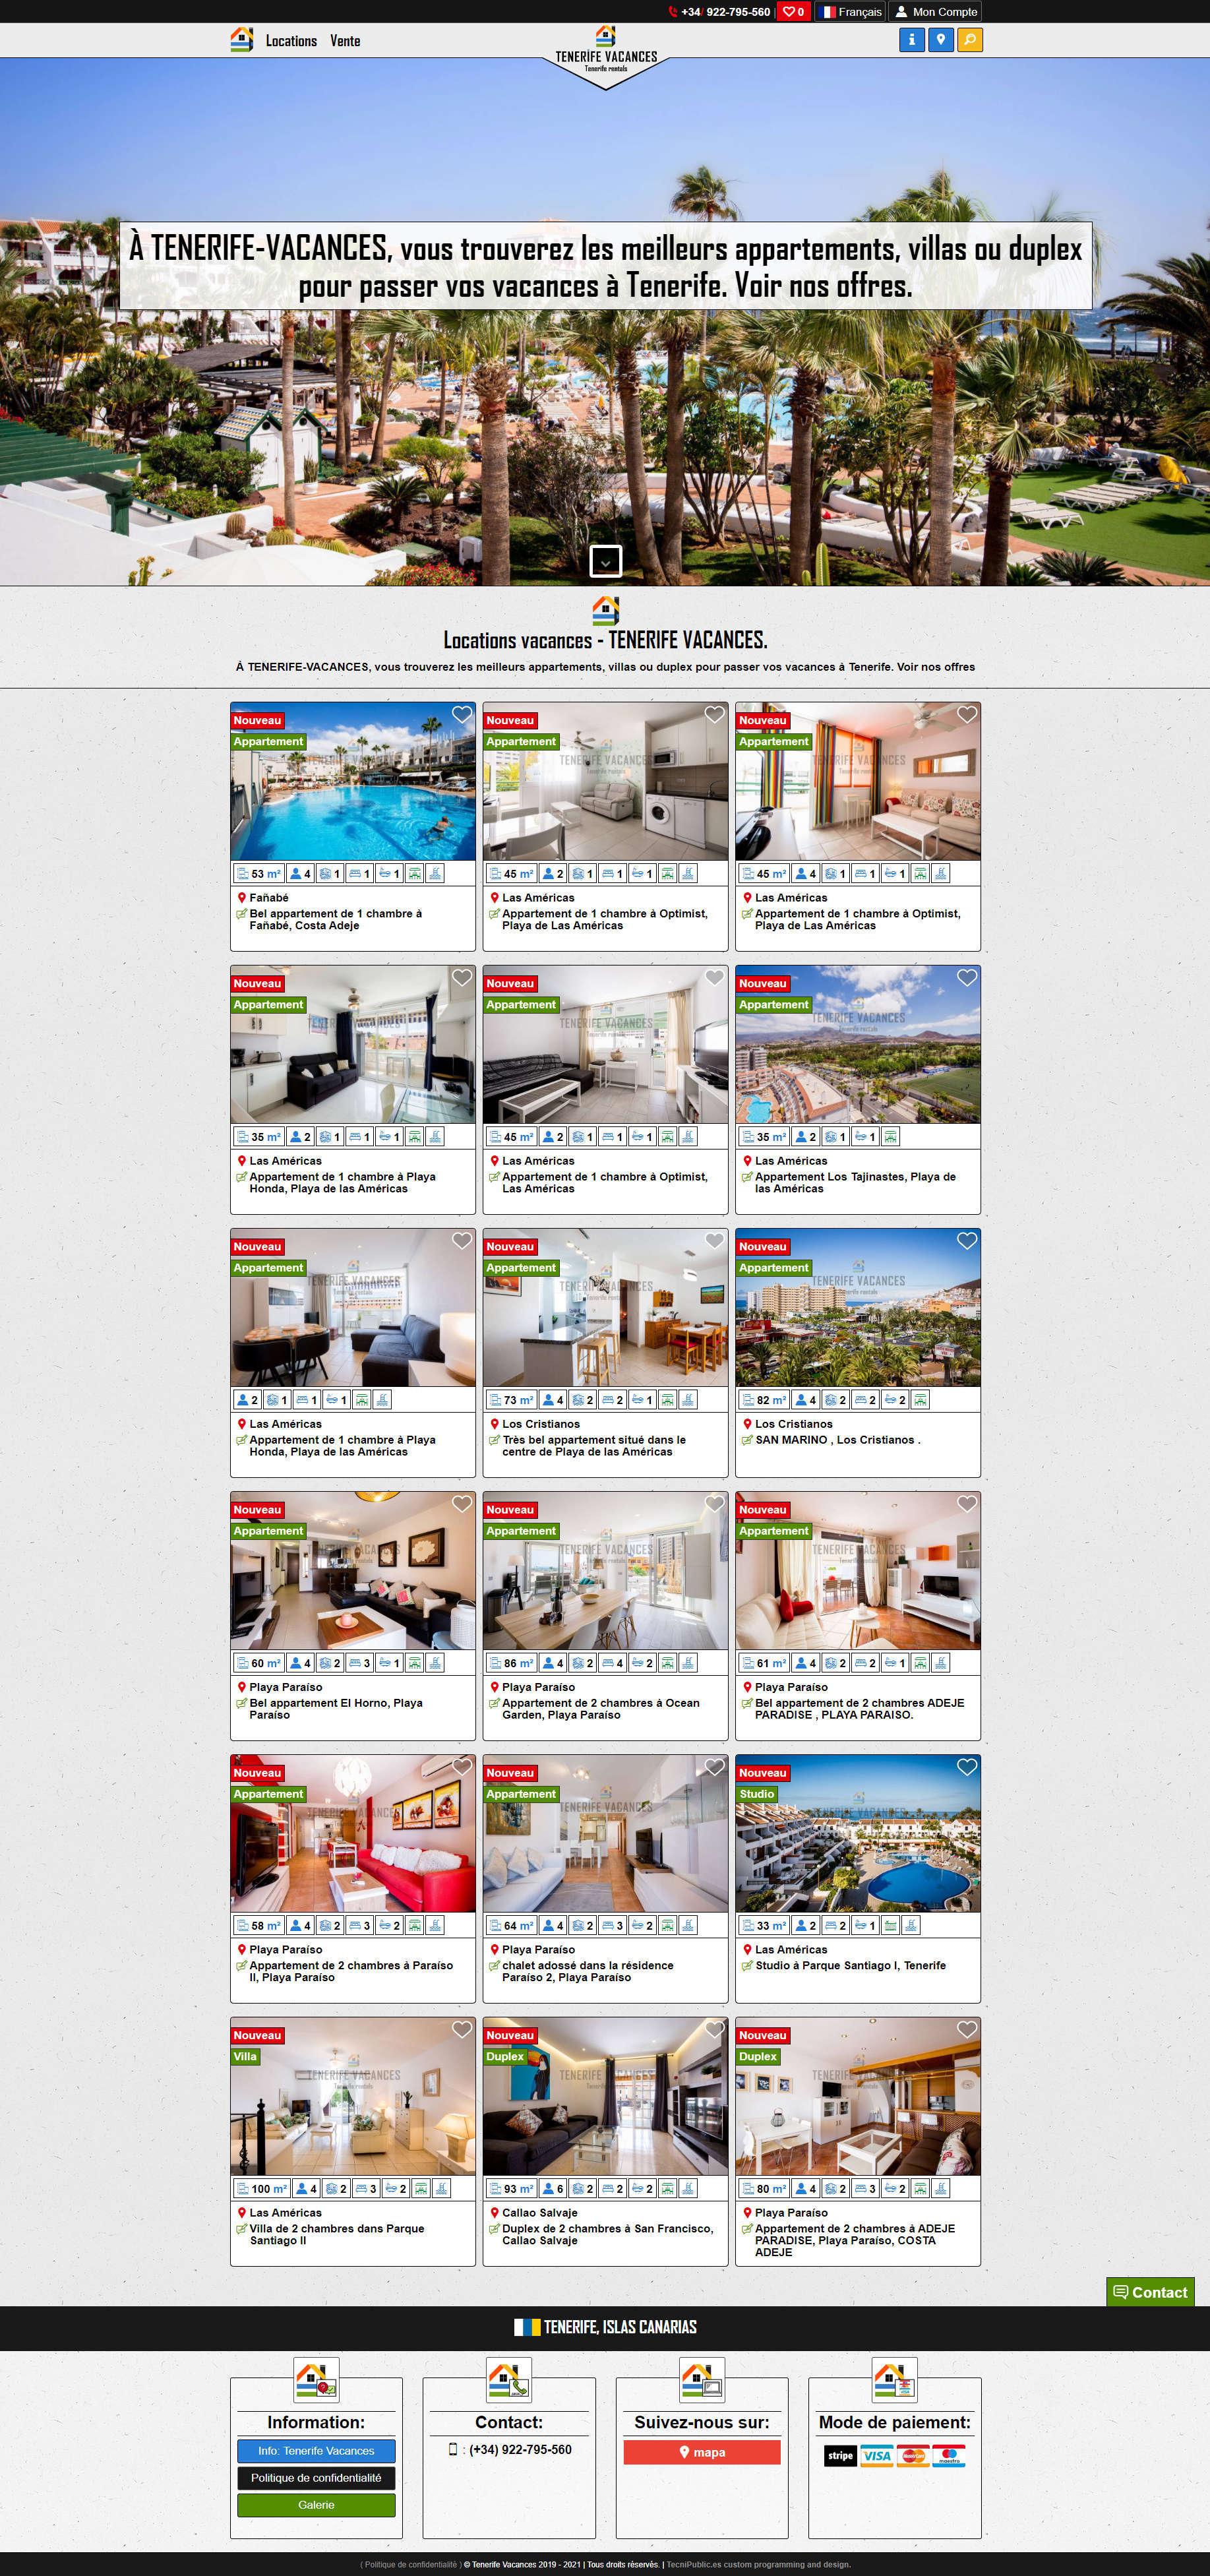 Tenerife Vacances - Categoría